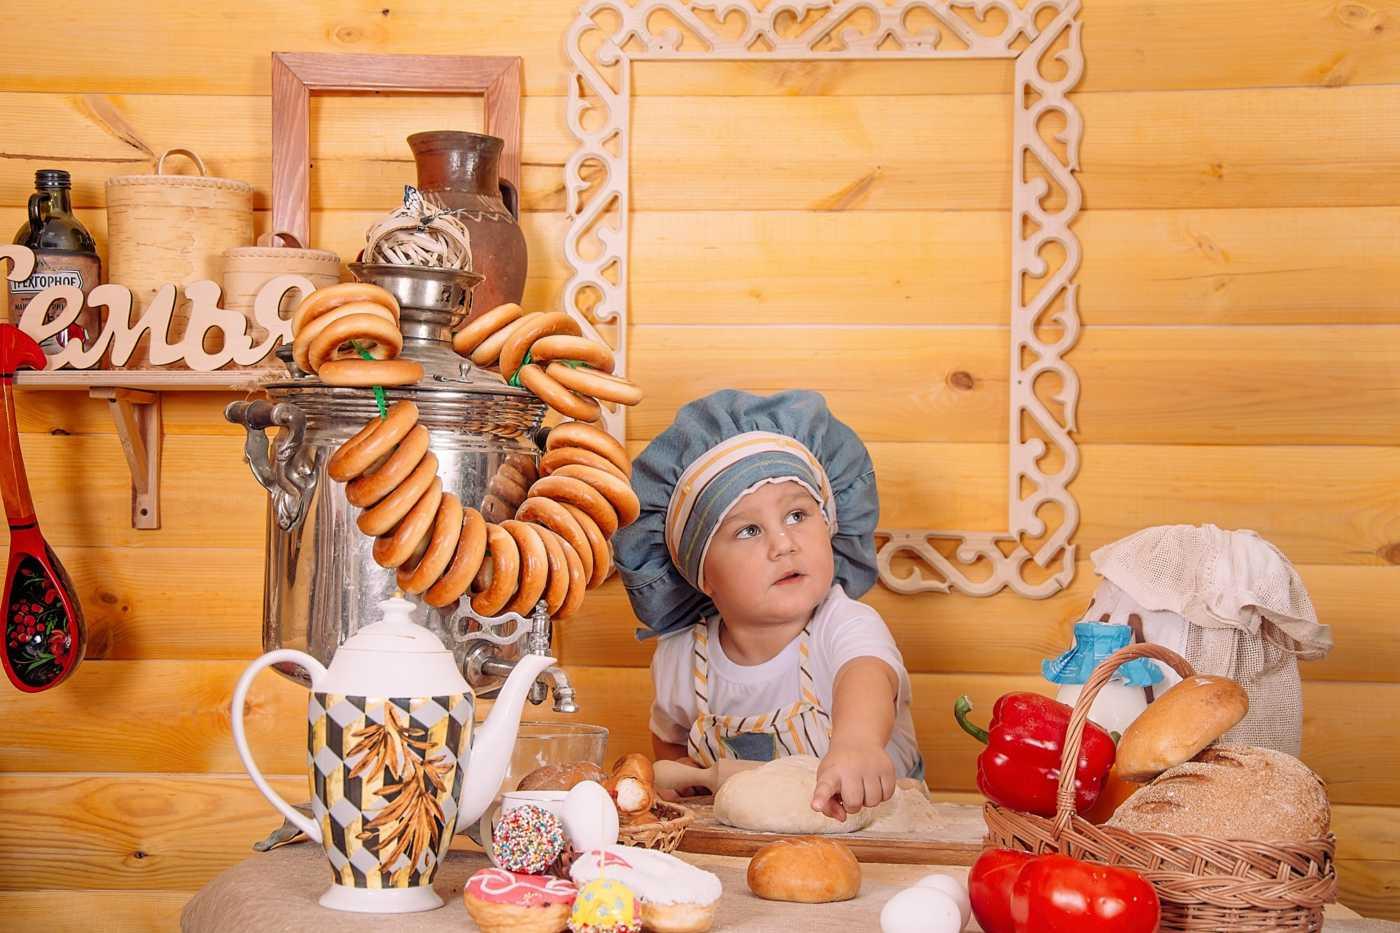 ХРАНИТЕЛНИ НАРУШЕНИЯ ПРИ ДЕЦАТА И СЪВЕТИ ЗА РОДИТЕЛИТЕ ЗА СПРАВЯНЕ С ПРОБЛЕМА